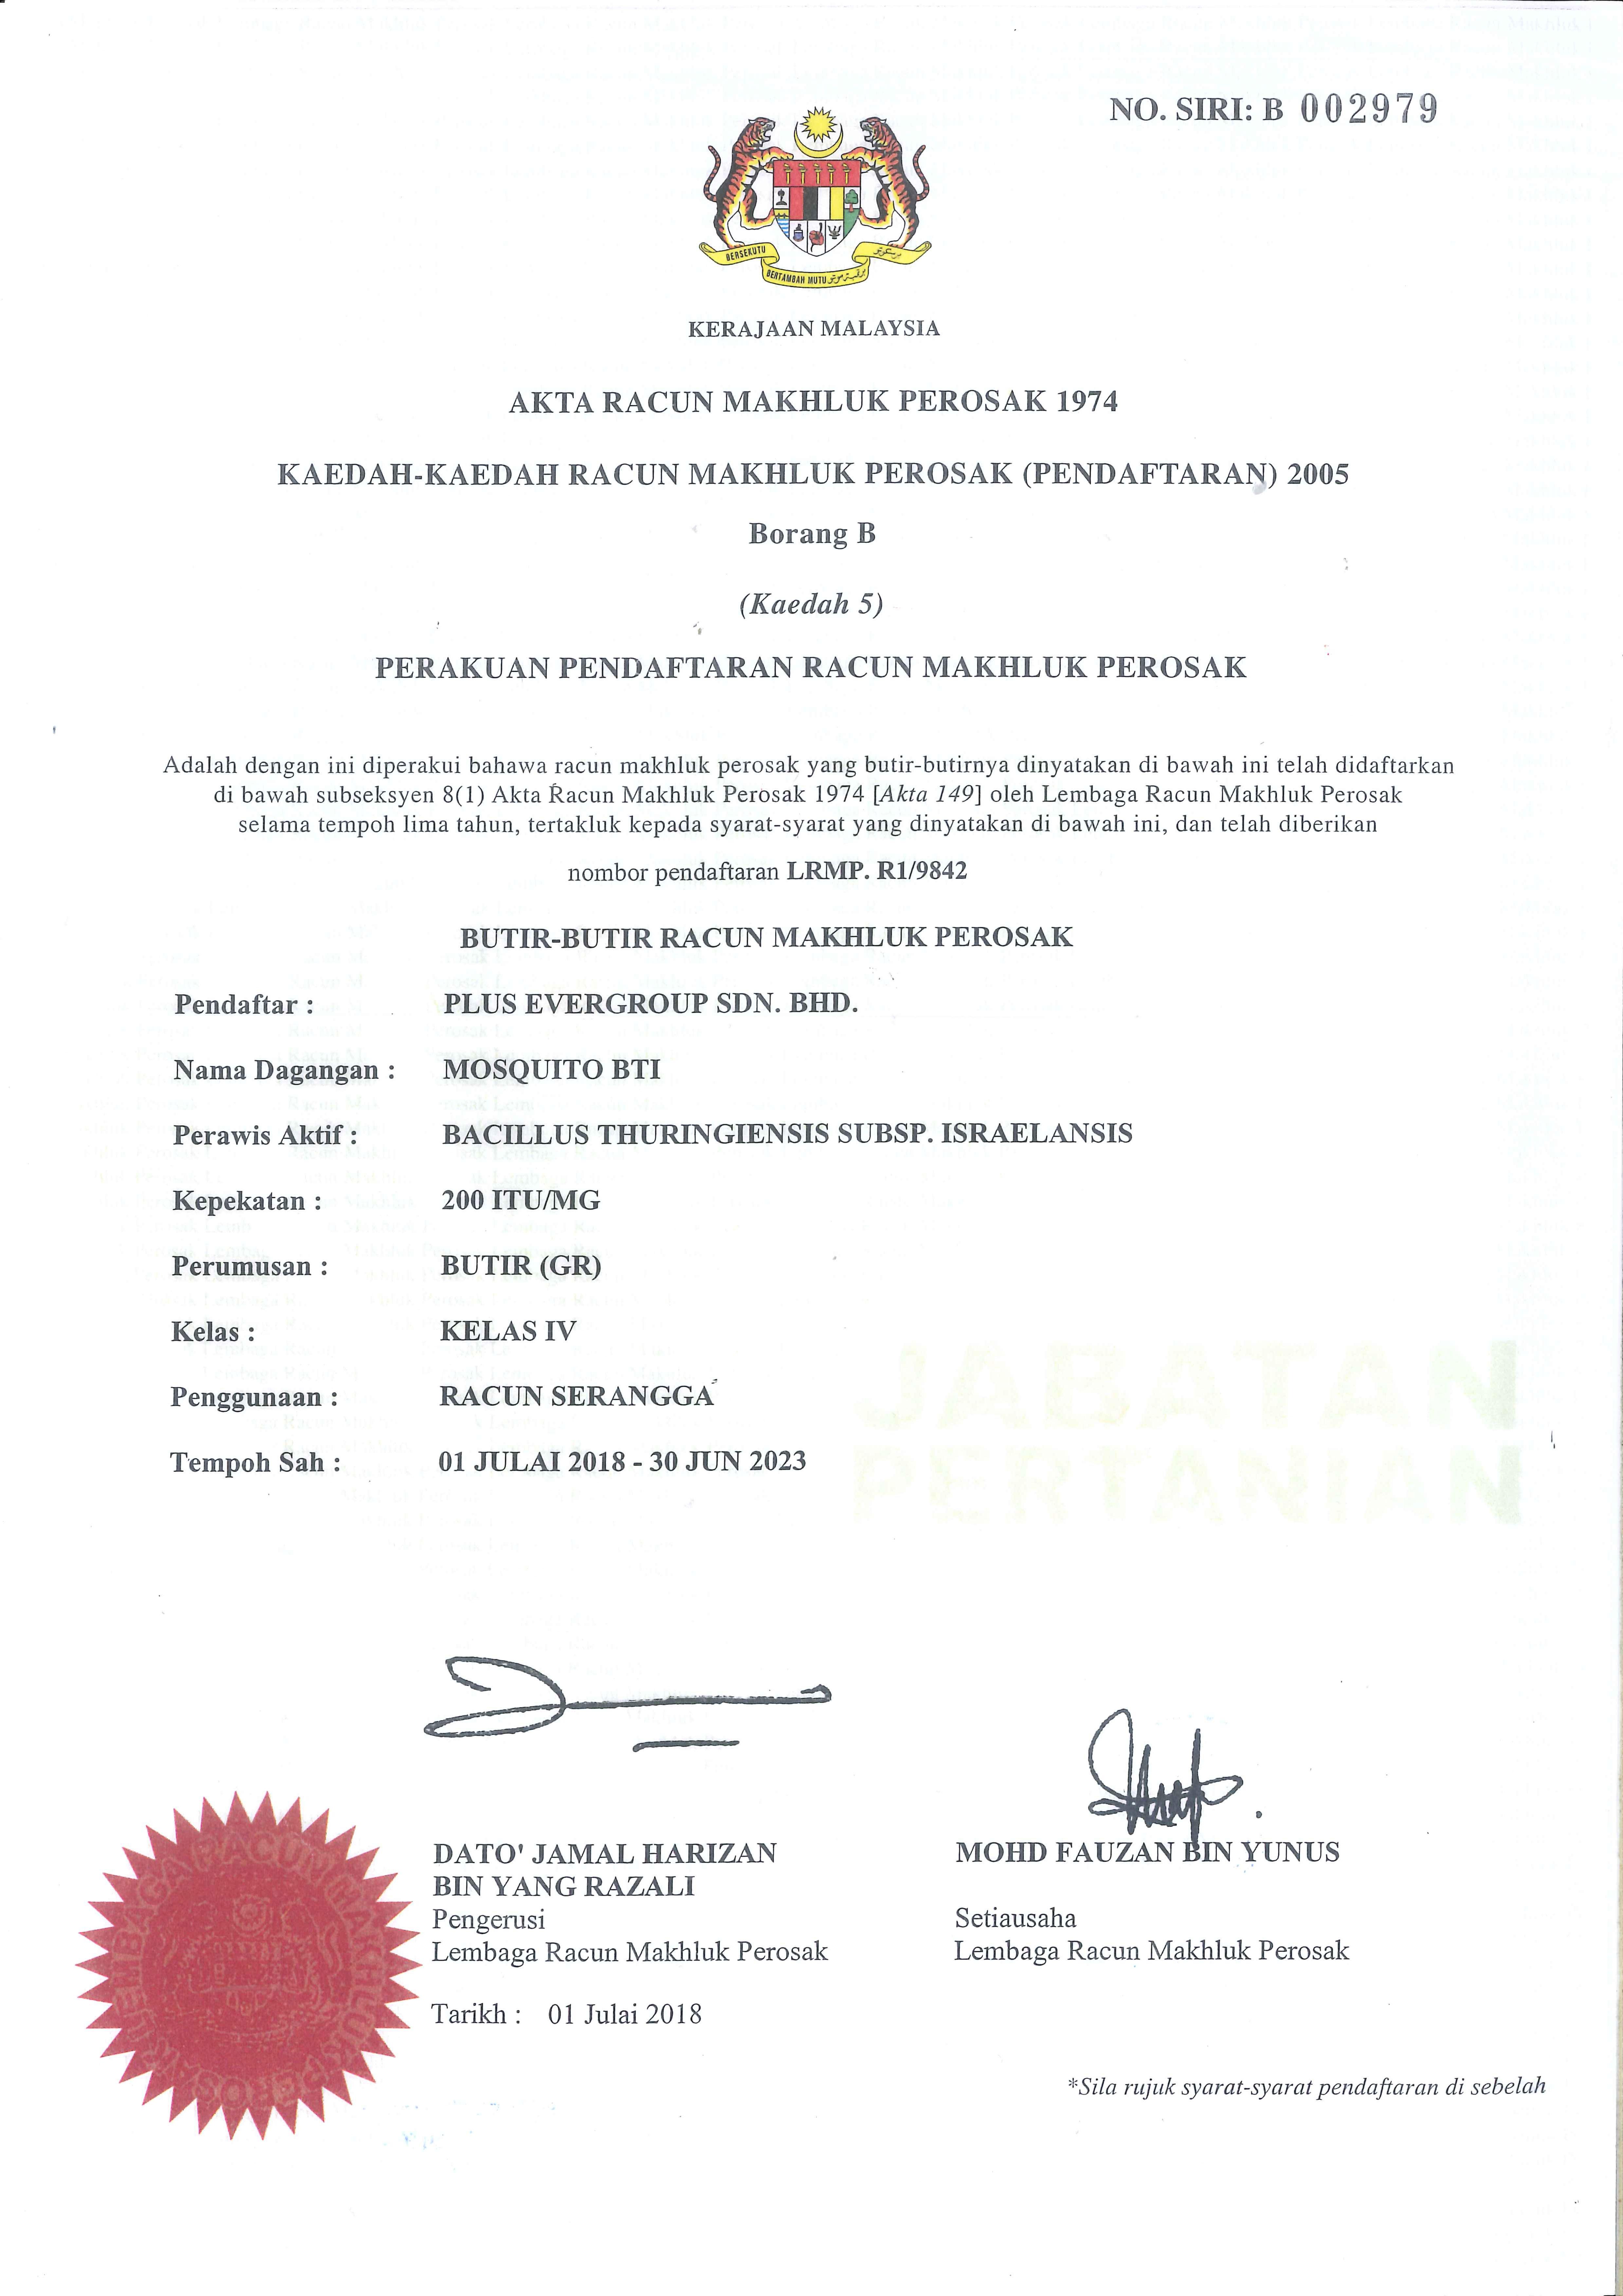 Lembaga Racun Makhluk Perosak Mosquito BTI License LRMP.R1/9843